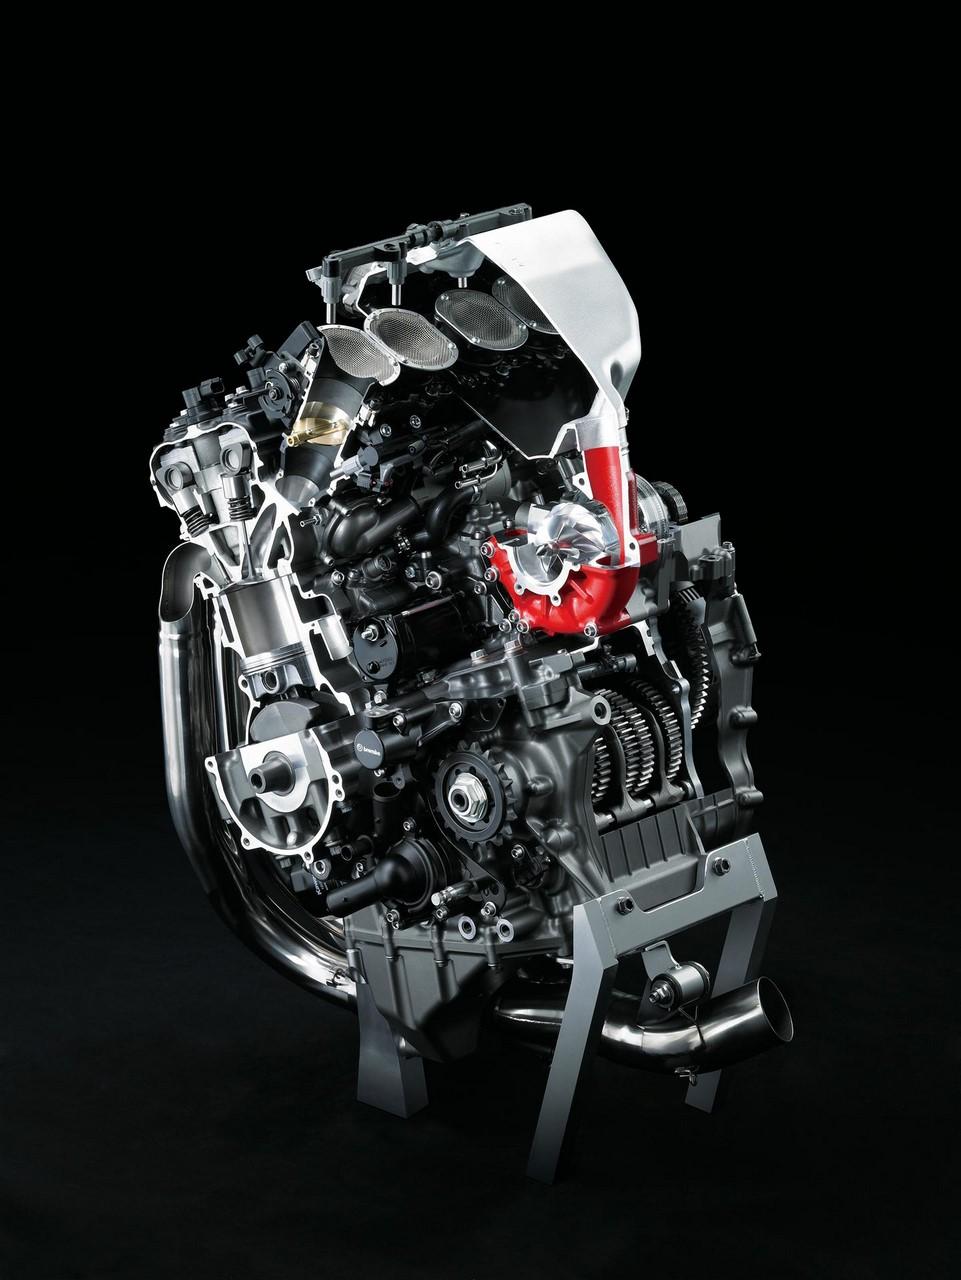 Kawasaki Ninja H2r >> 2017 Kawasaki Ninja H2R engine